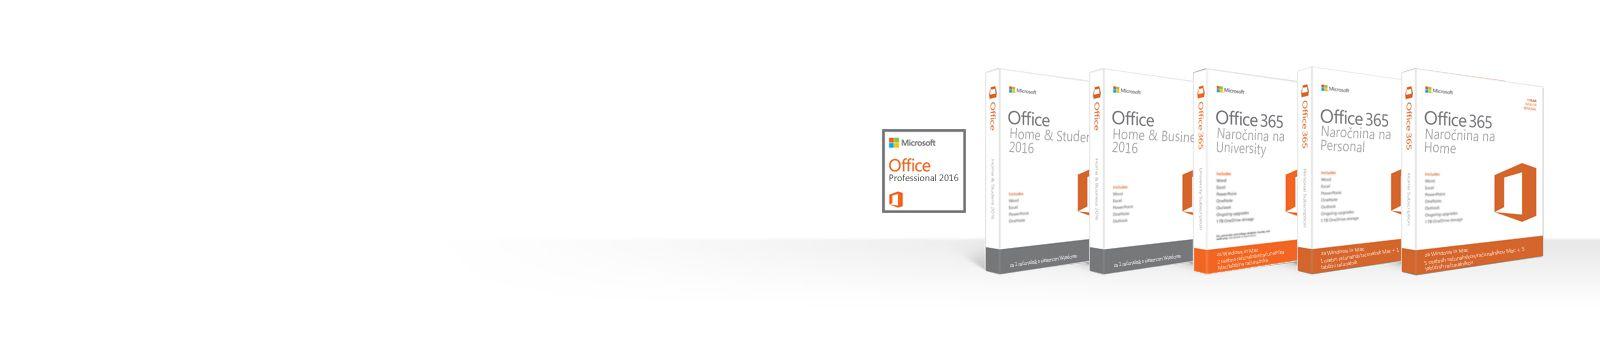 Upravljanje, prenos, varnostno kopiranje ali obnovitev Officeovih izdelkov